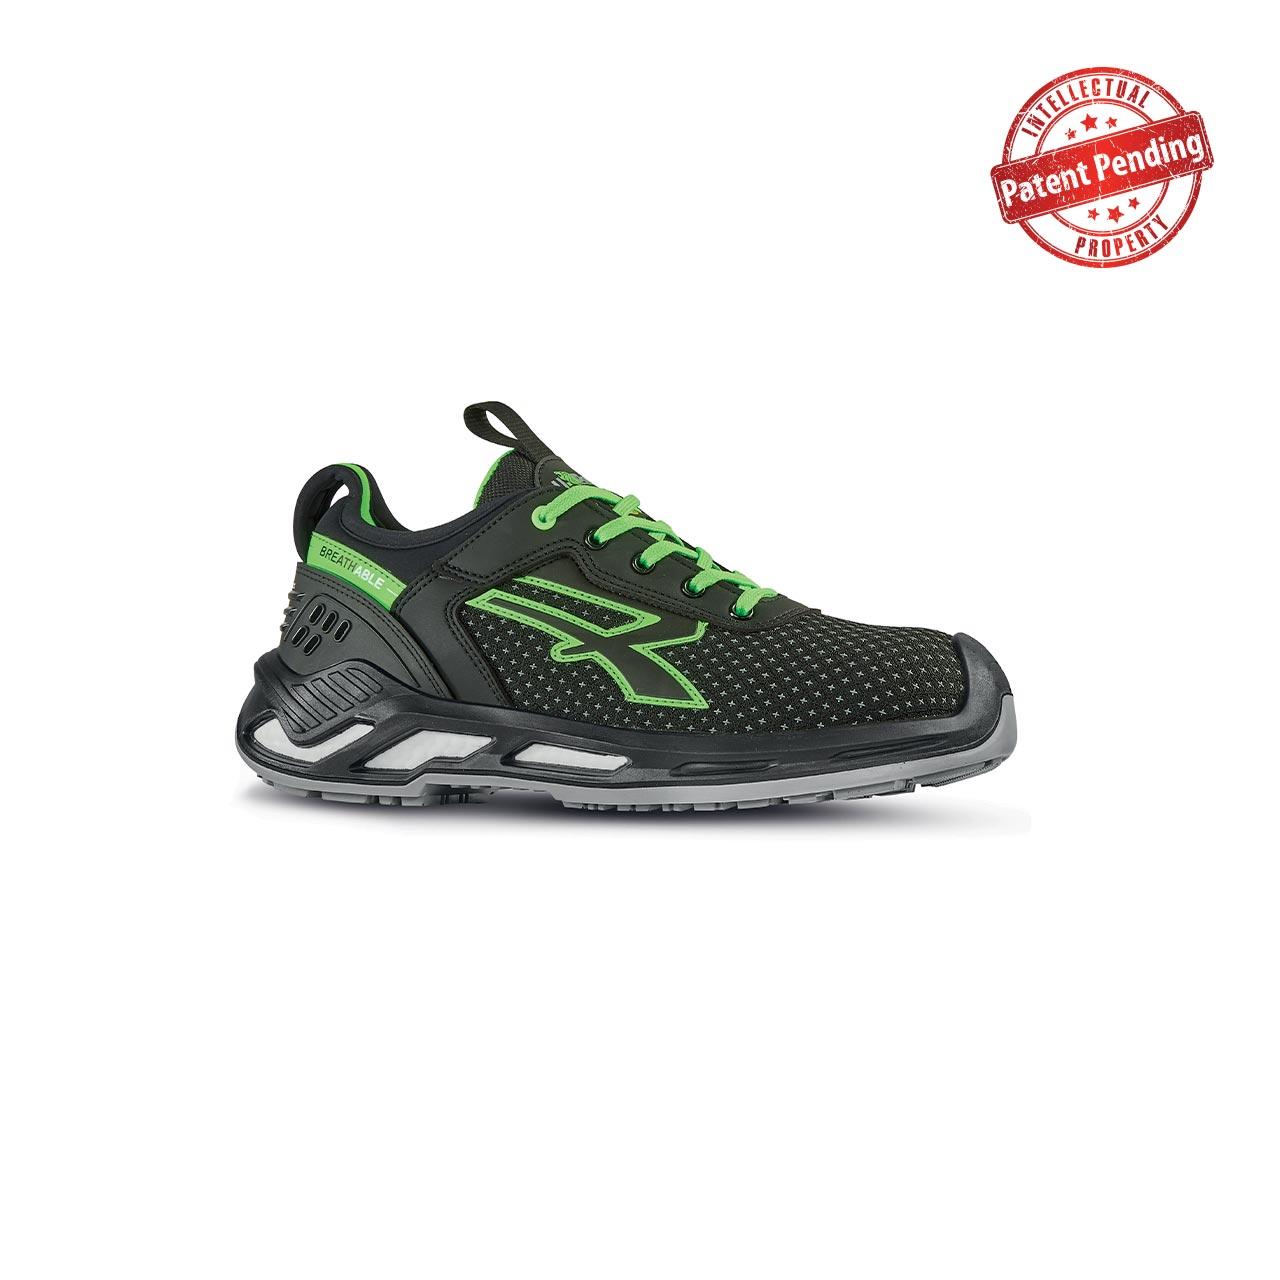 scarpa antinfortunistica upower modello bryan linea red360 vista laterale